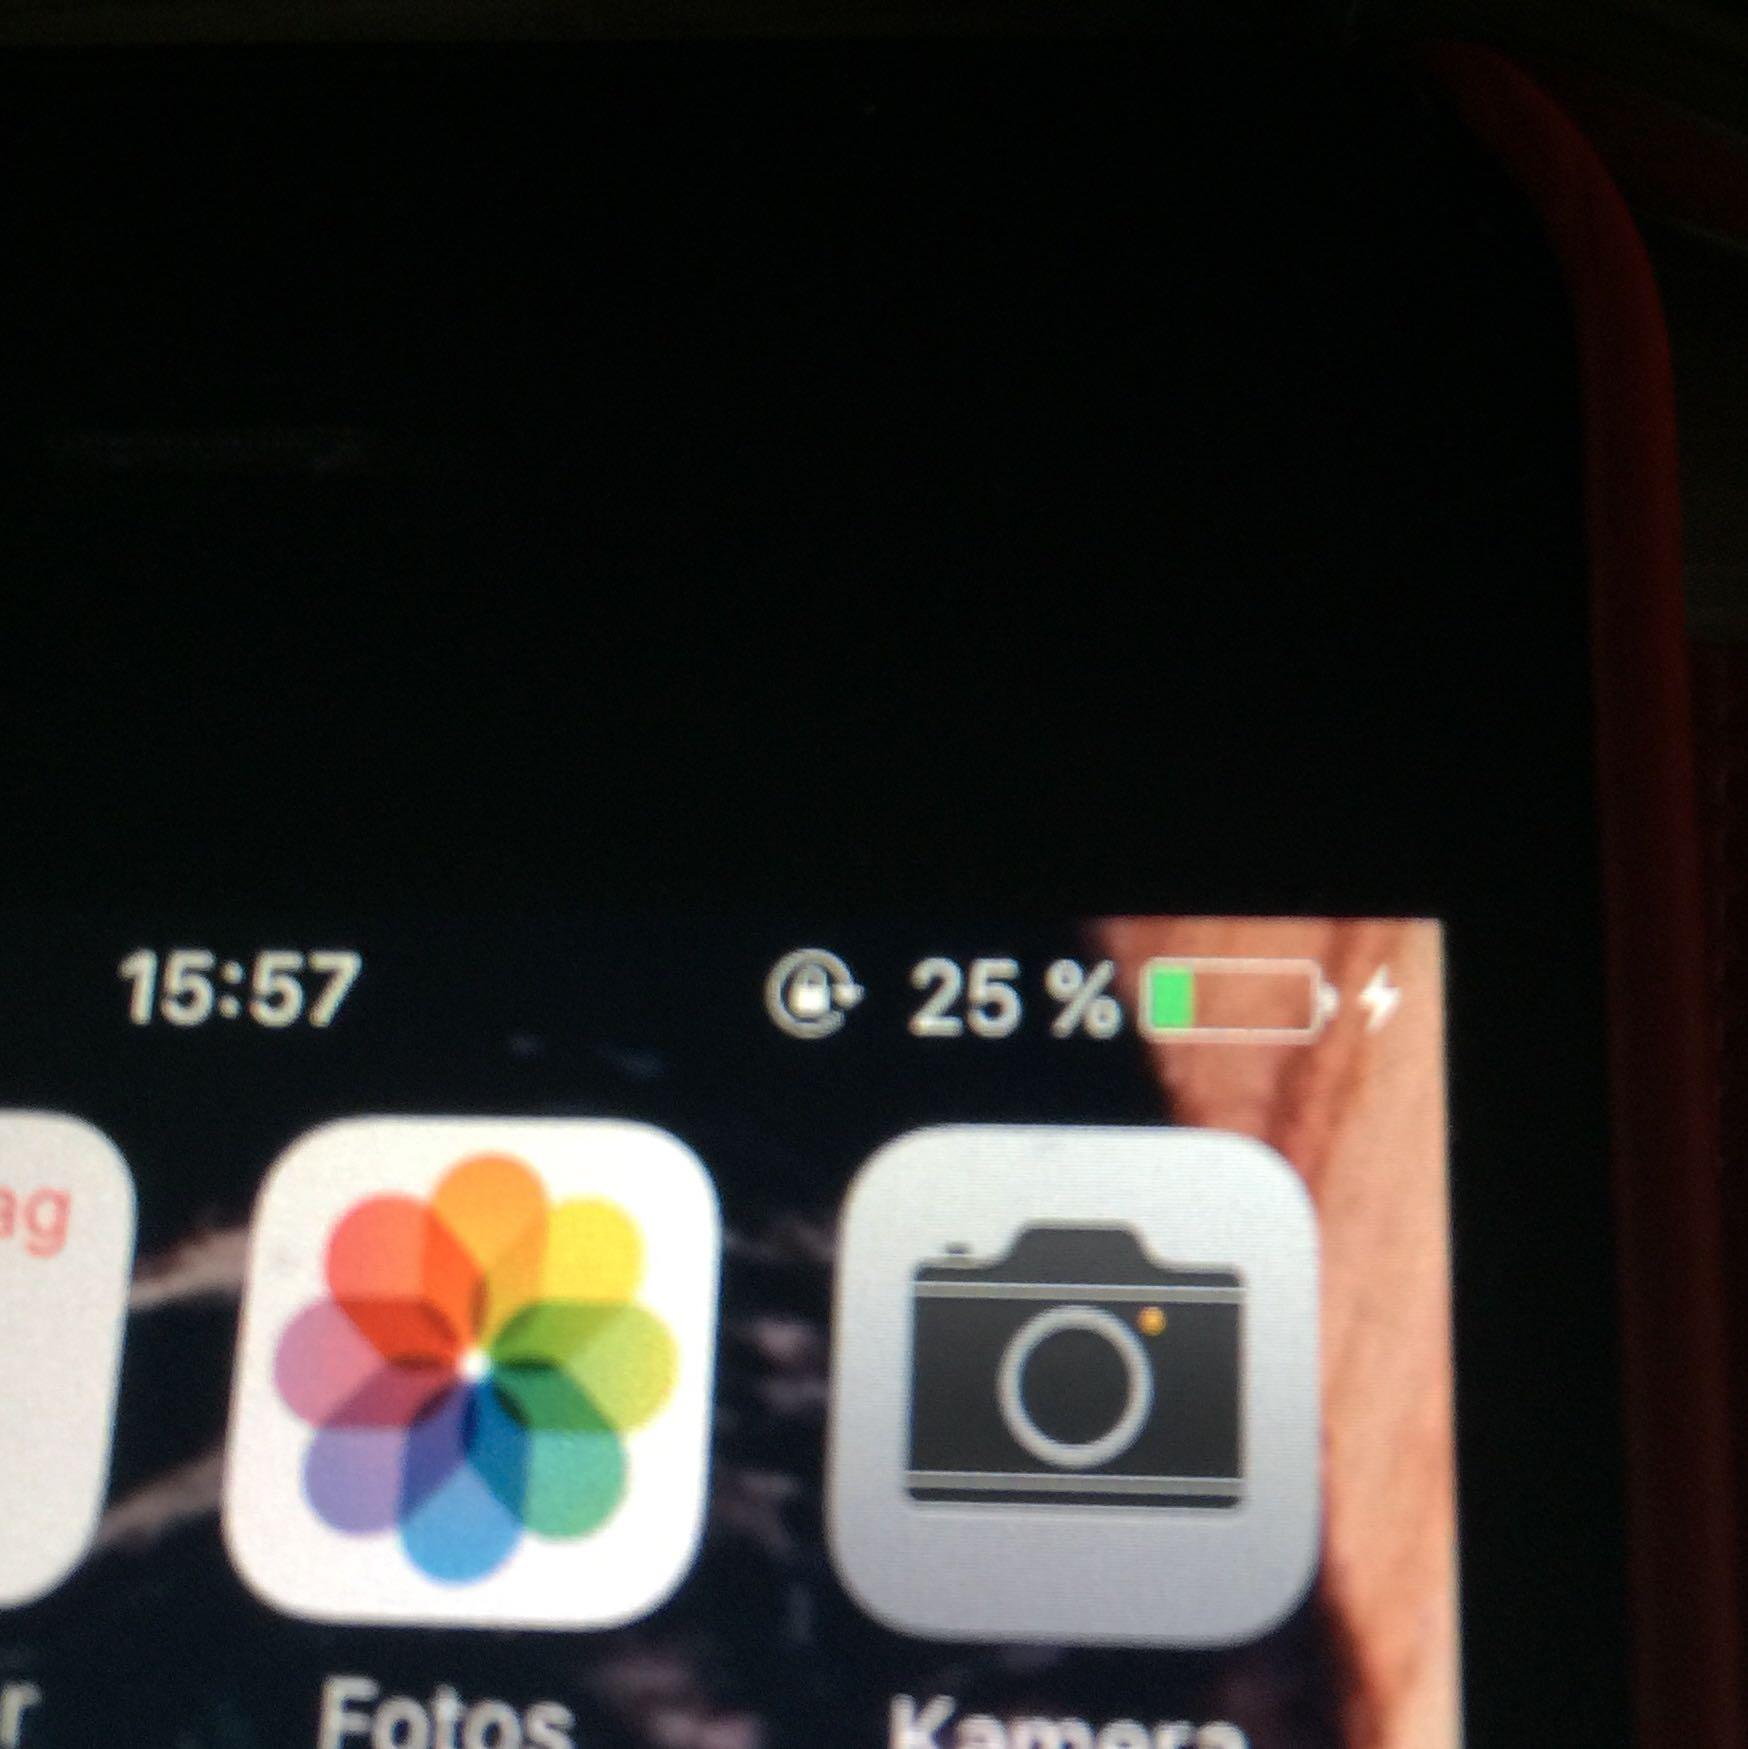 Iphone 4 akku lädt nicht mehr nach sturz